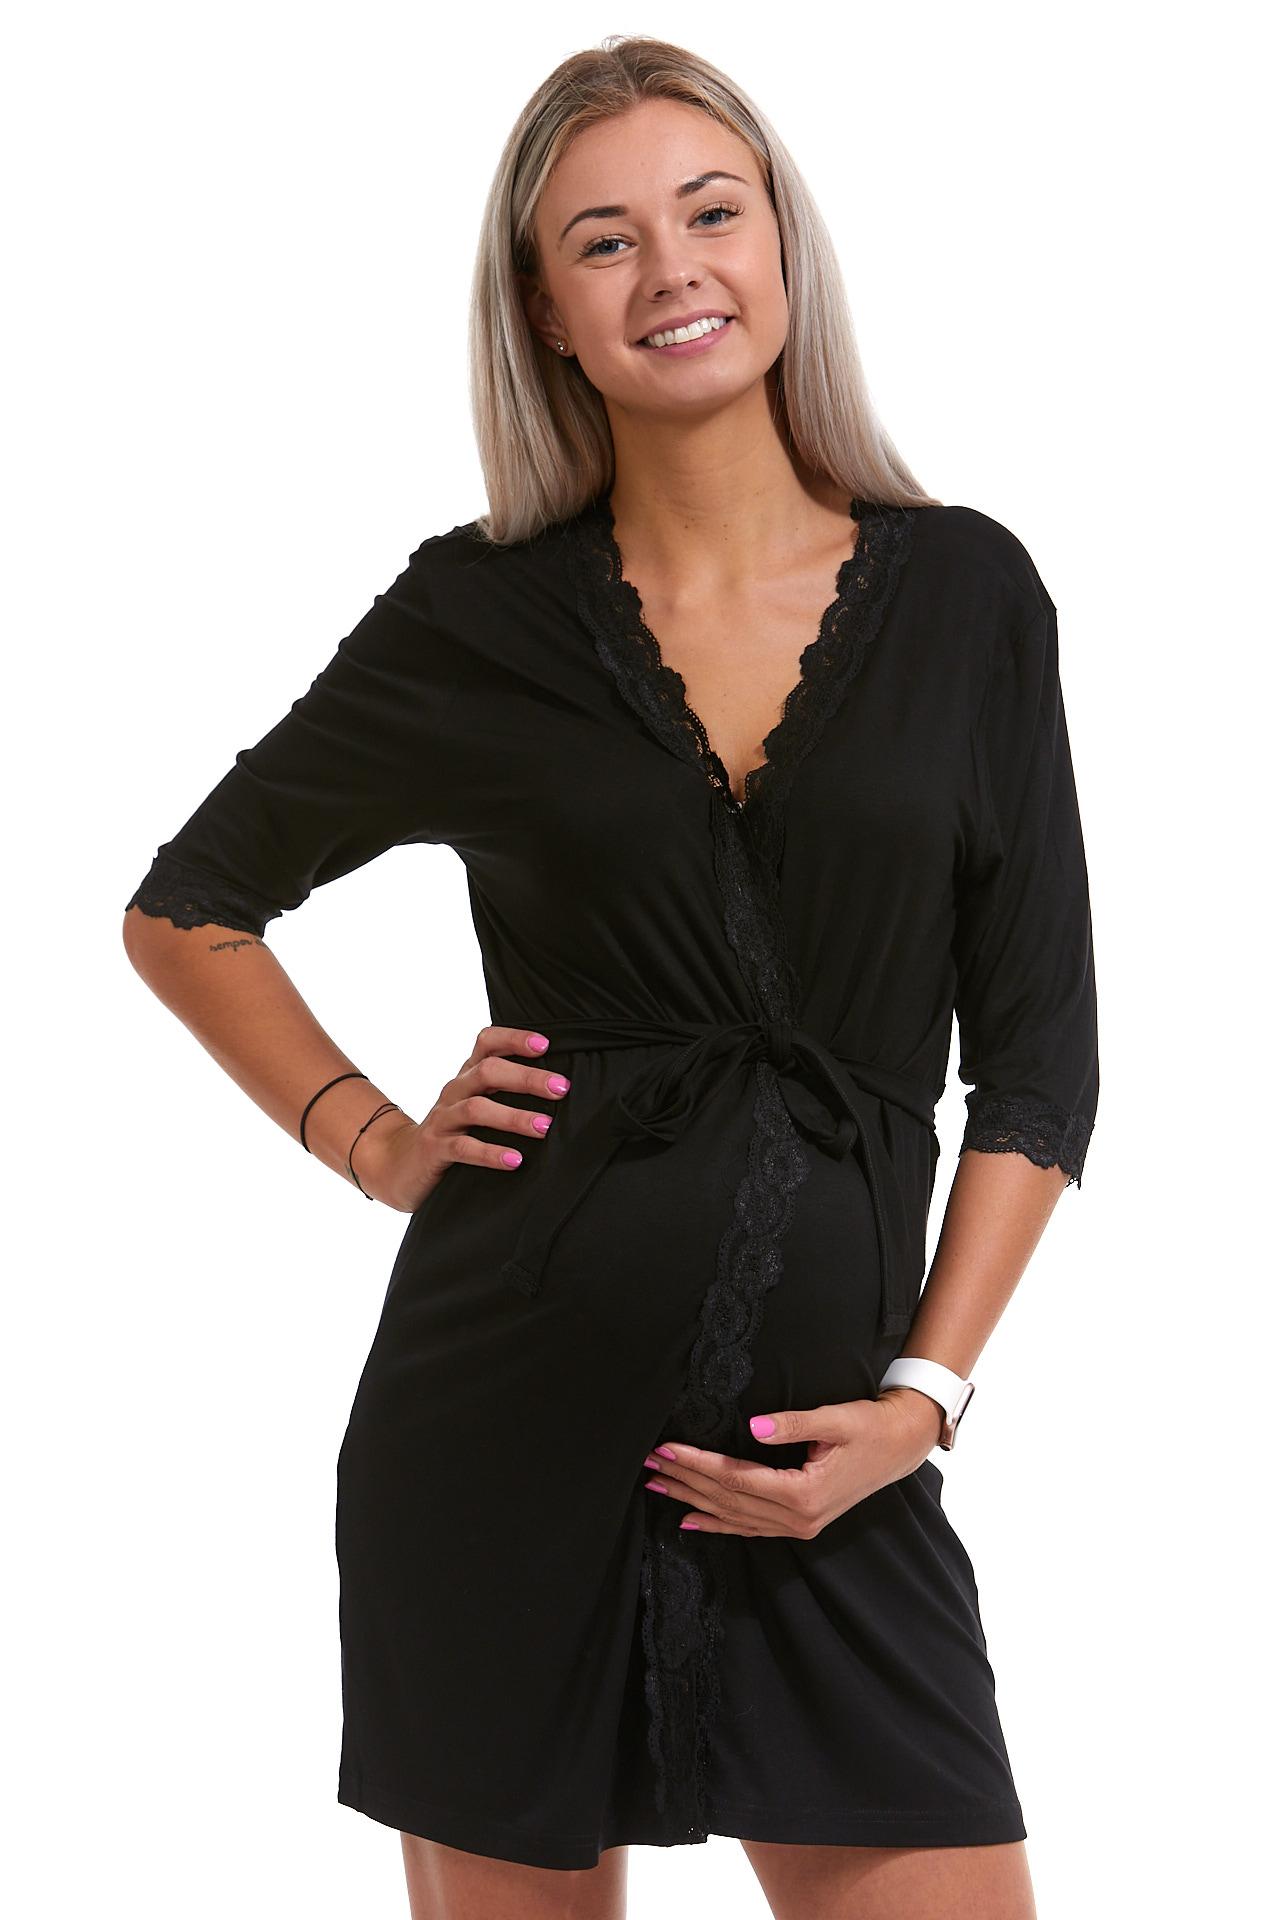 Župan luxusní pro těhotné ženy 1D0711